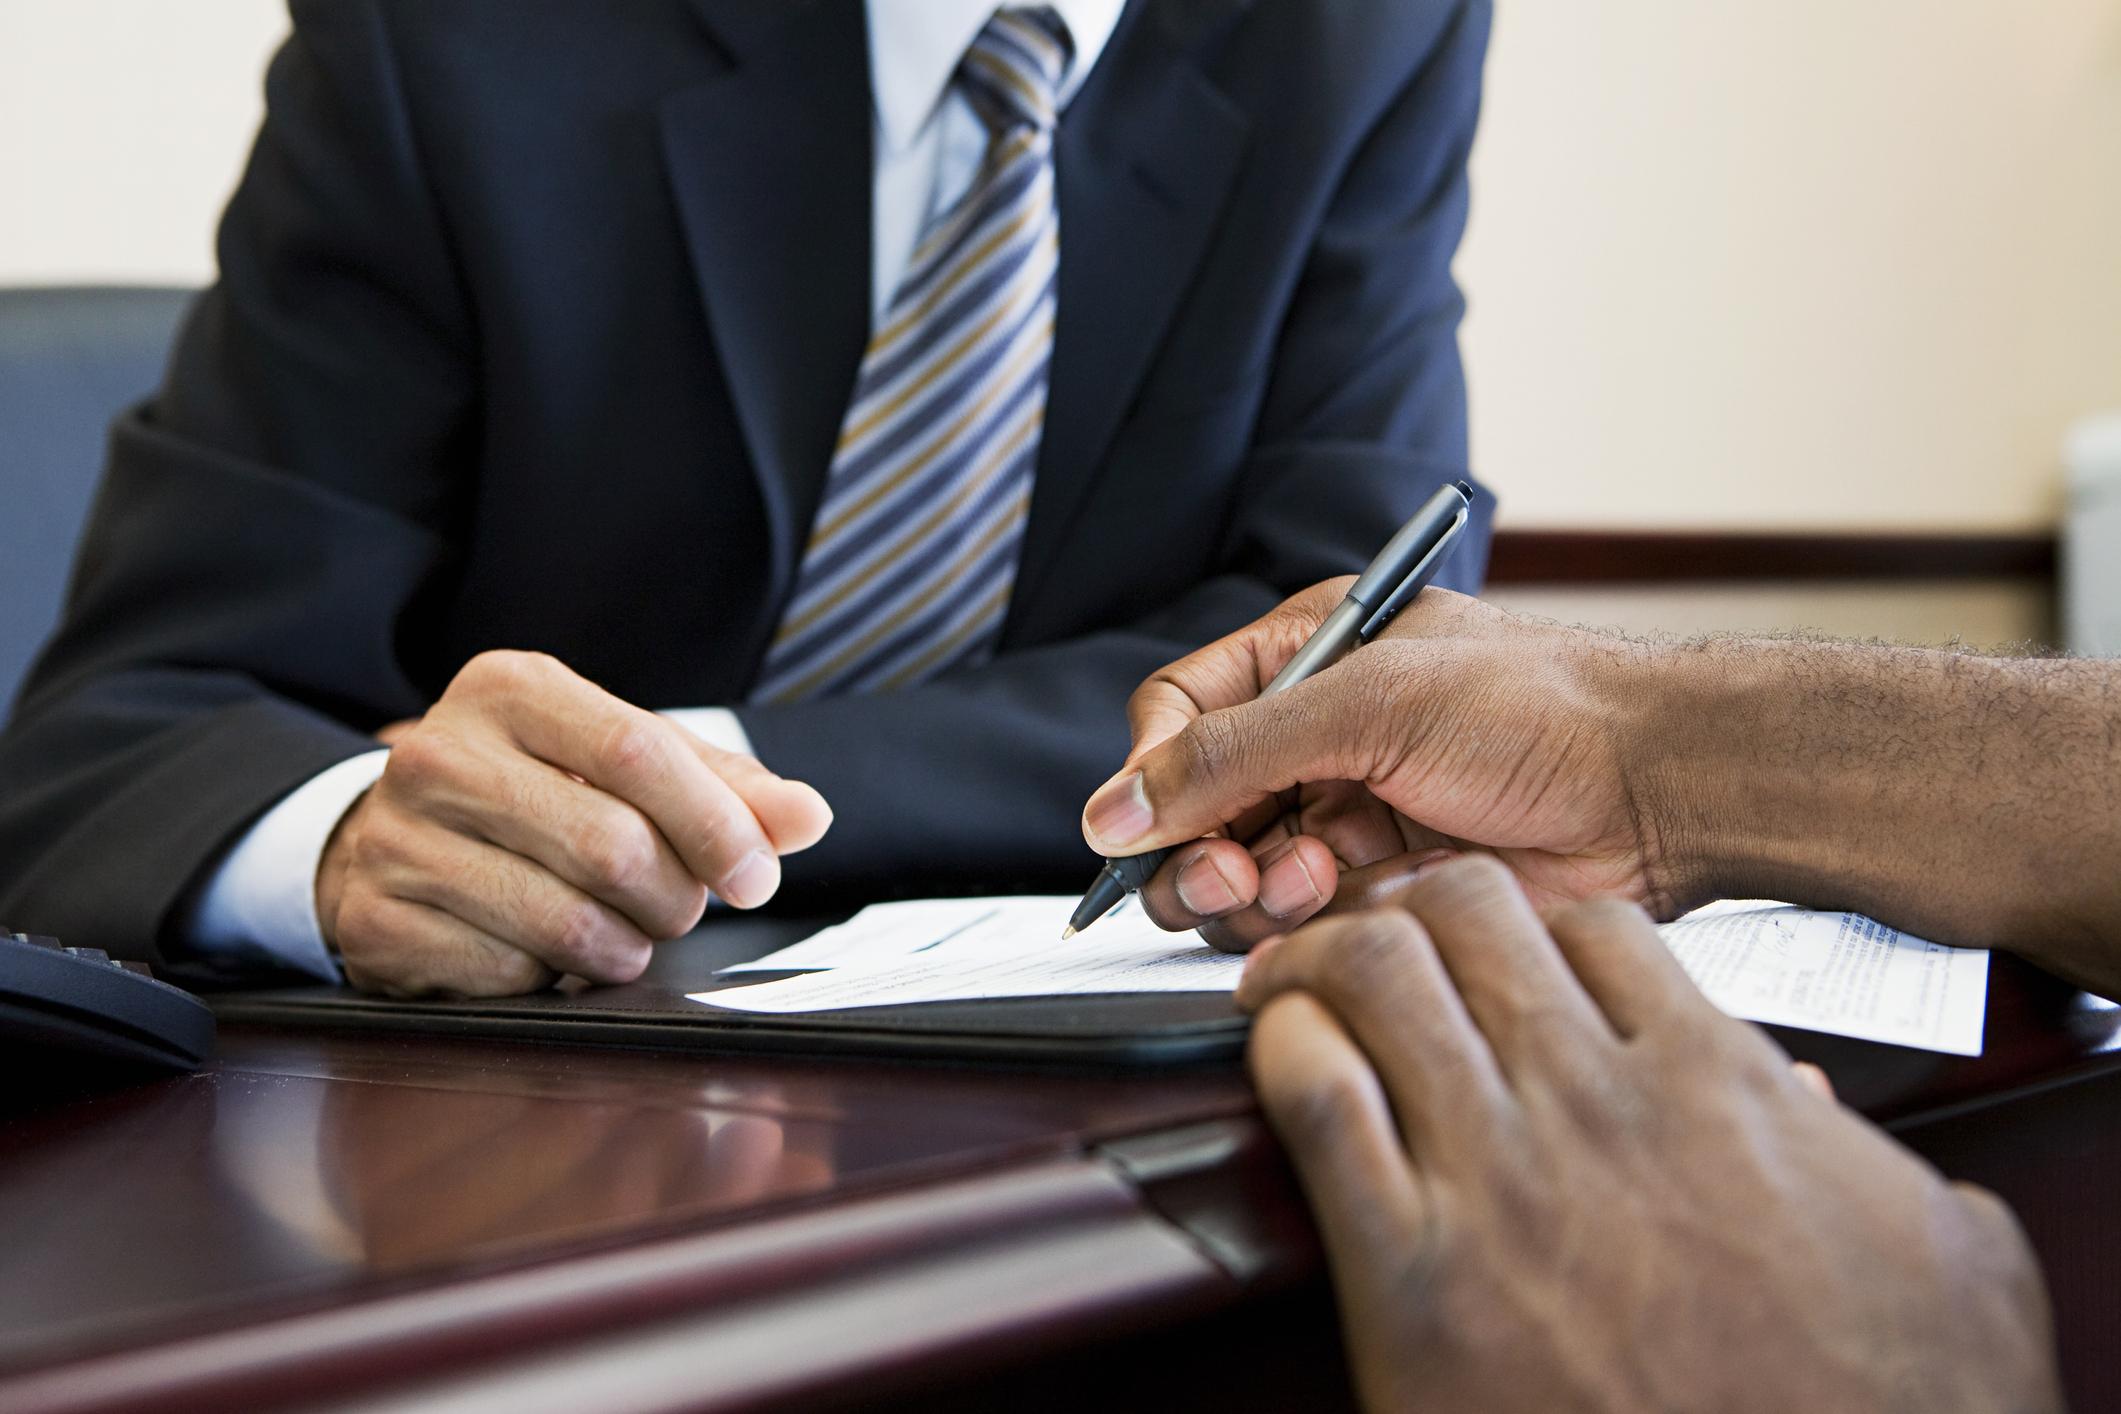 Comment bien faire le calcul des frais de succession - Odella.fr